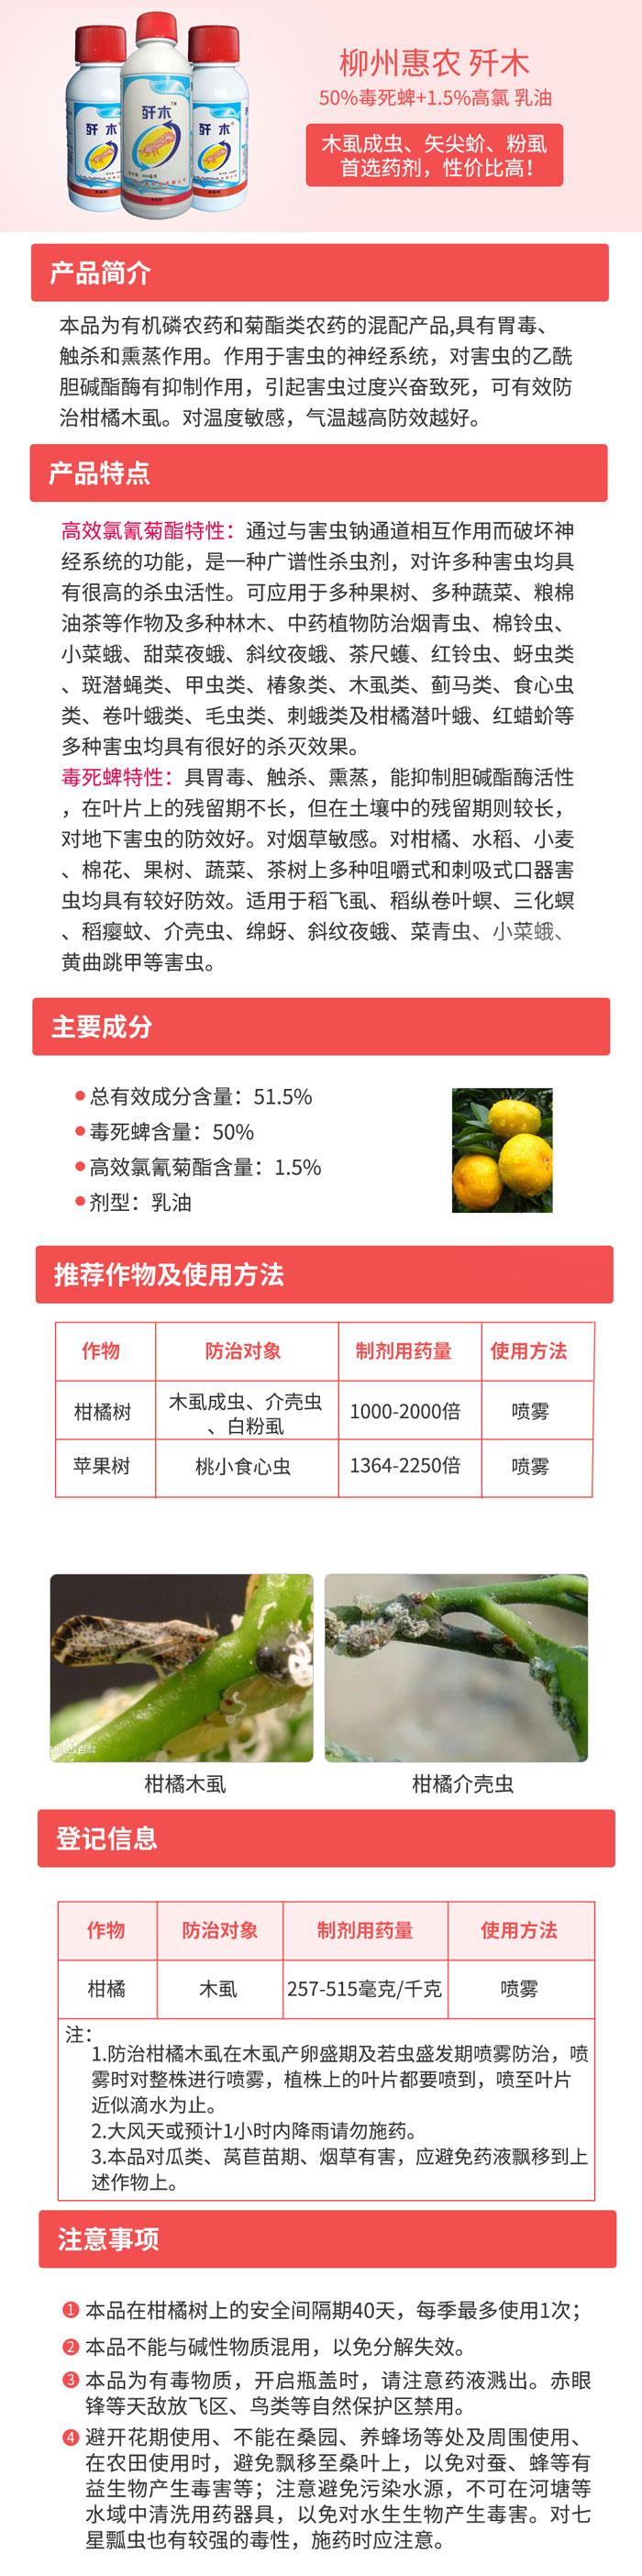 柳州惠农歼木 毒死蜱.jpg